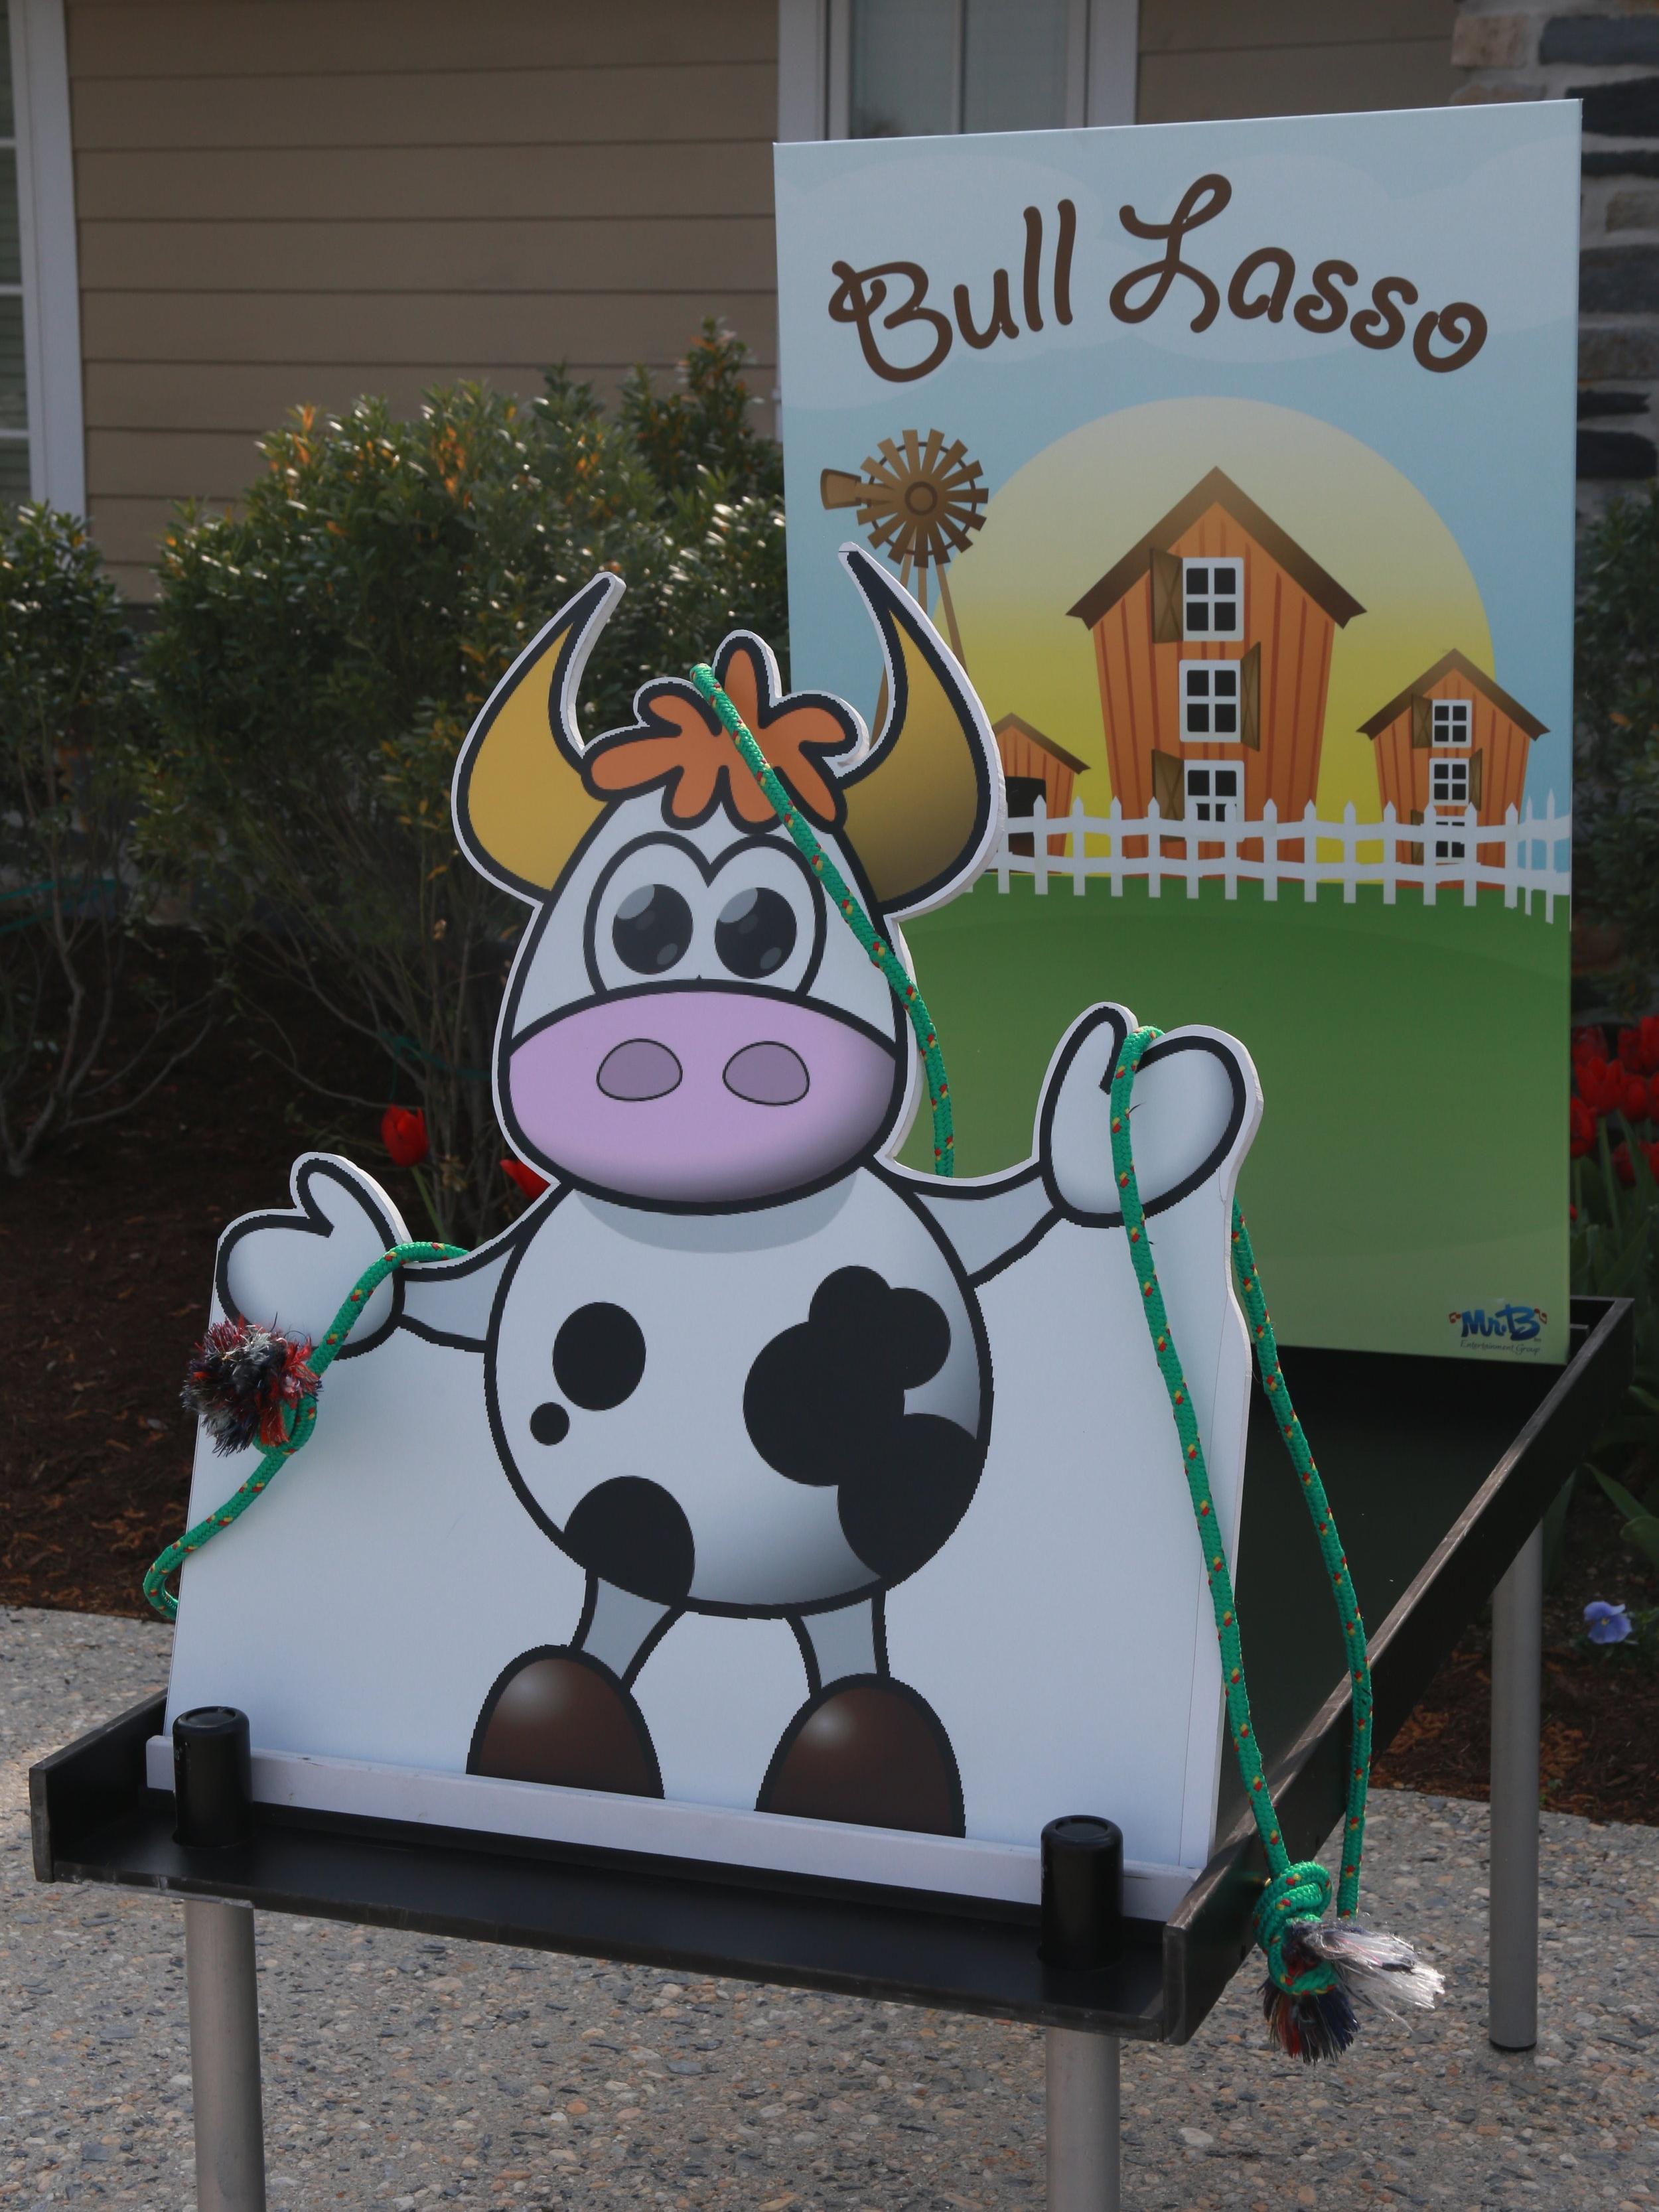 Bull Lasso